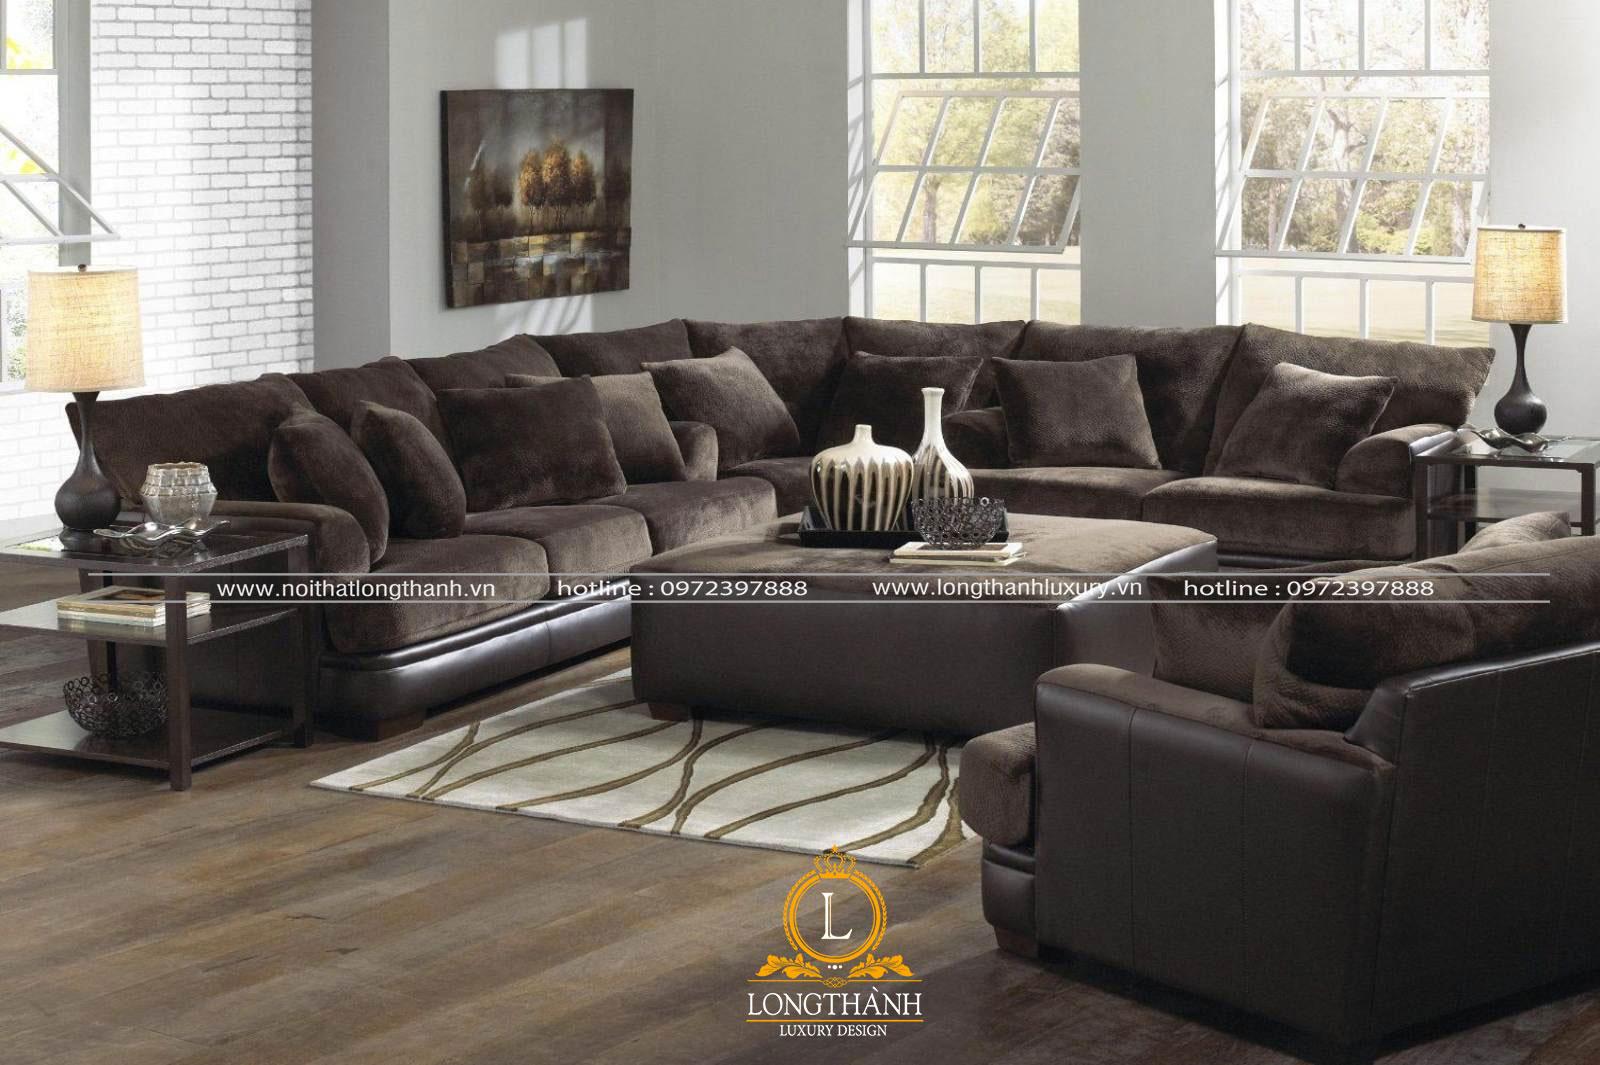 Mẫu sofa nỉ chữ u cho không gian phòng khách hiện đại